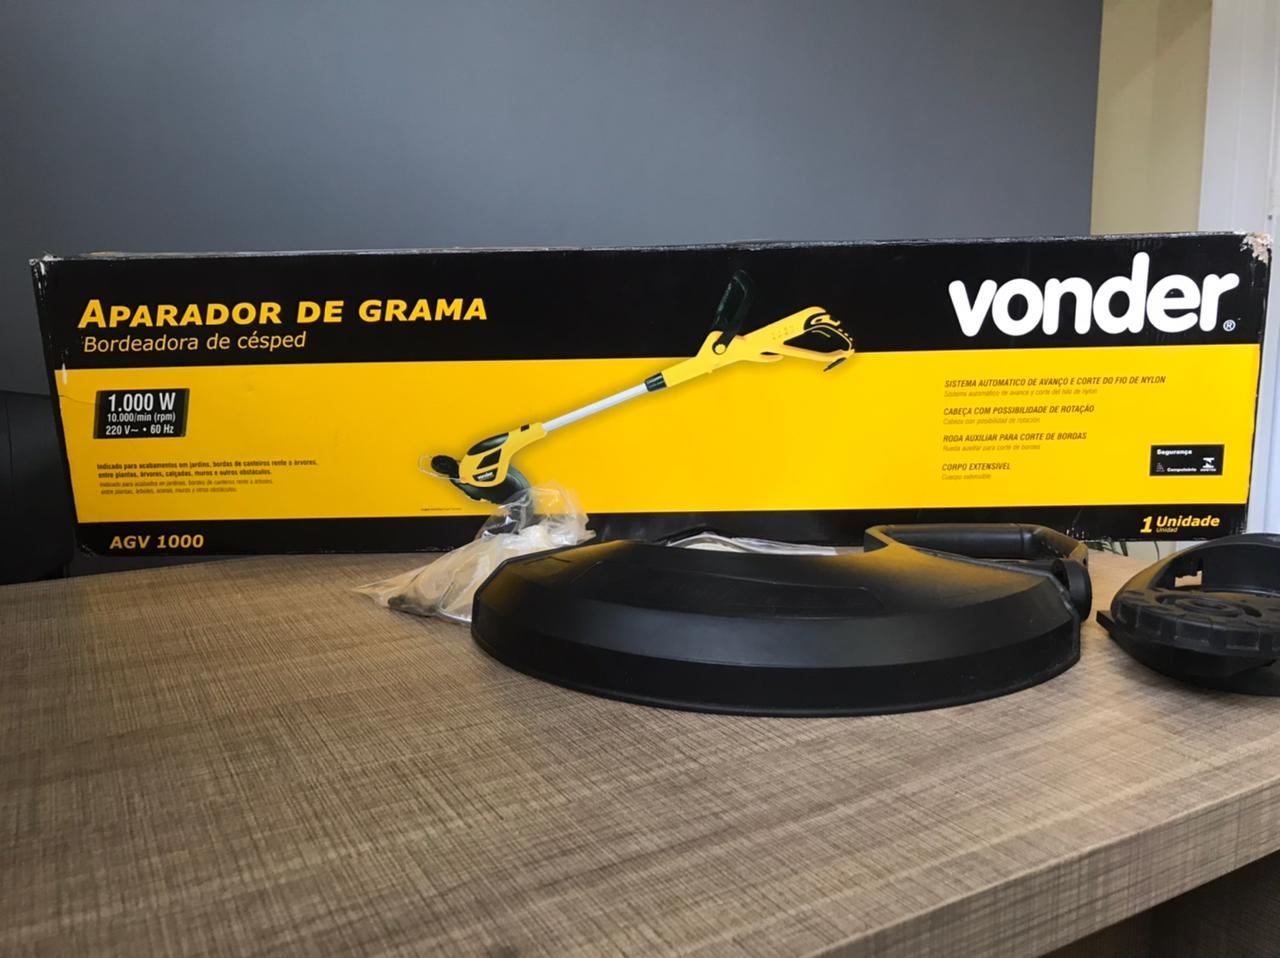 Aparador De Grama 1000W AGV1000 220V Seminovo Vonder